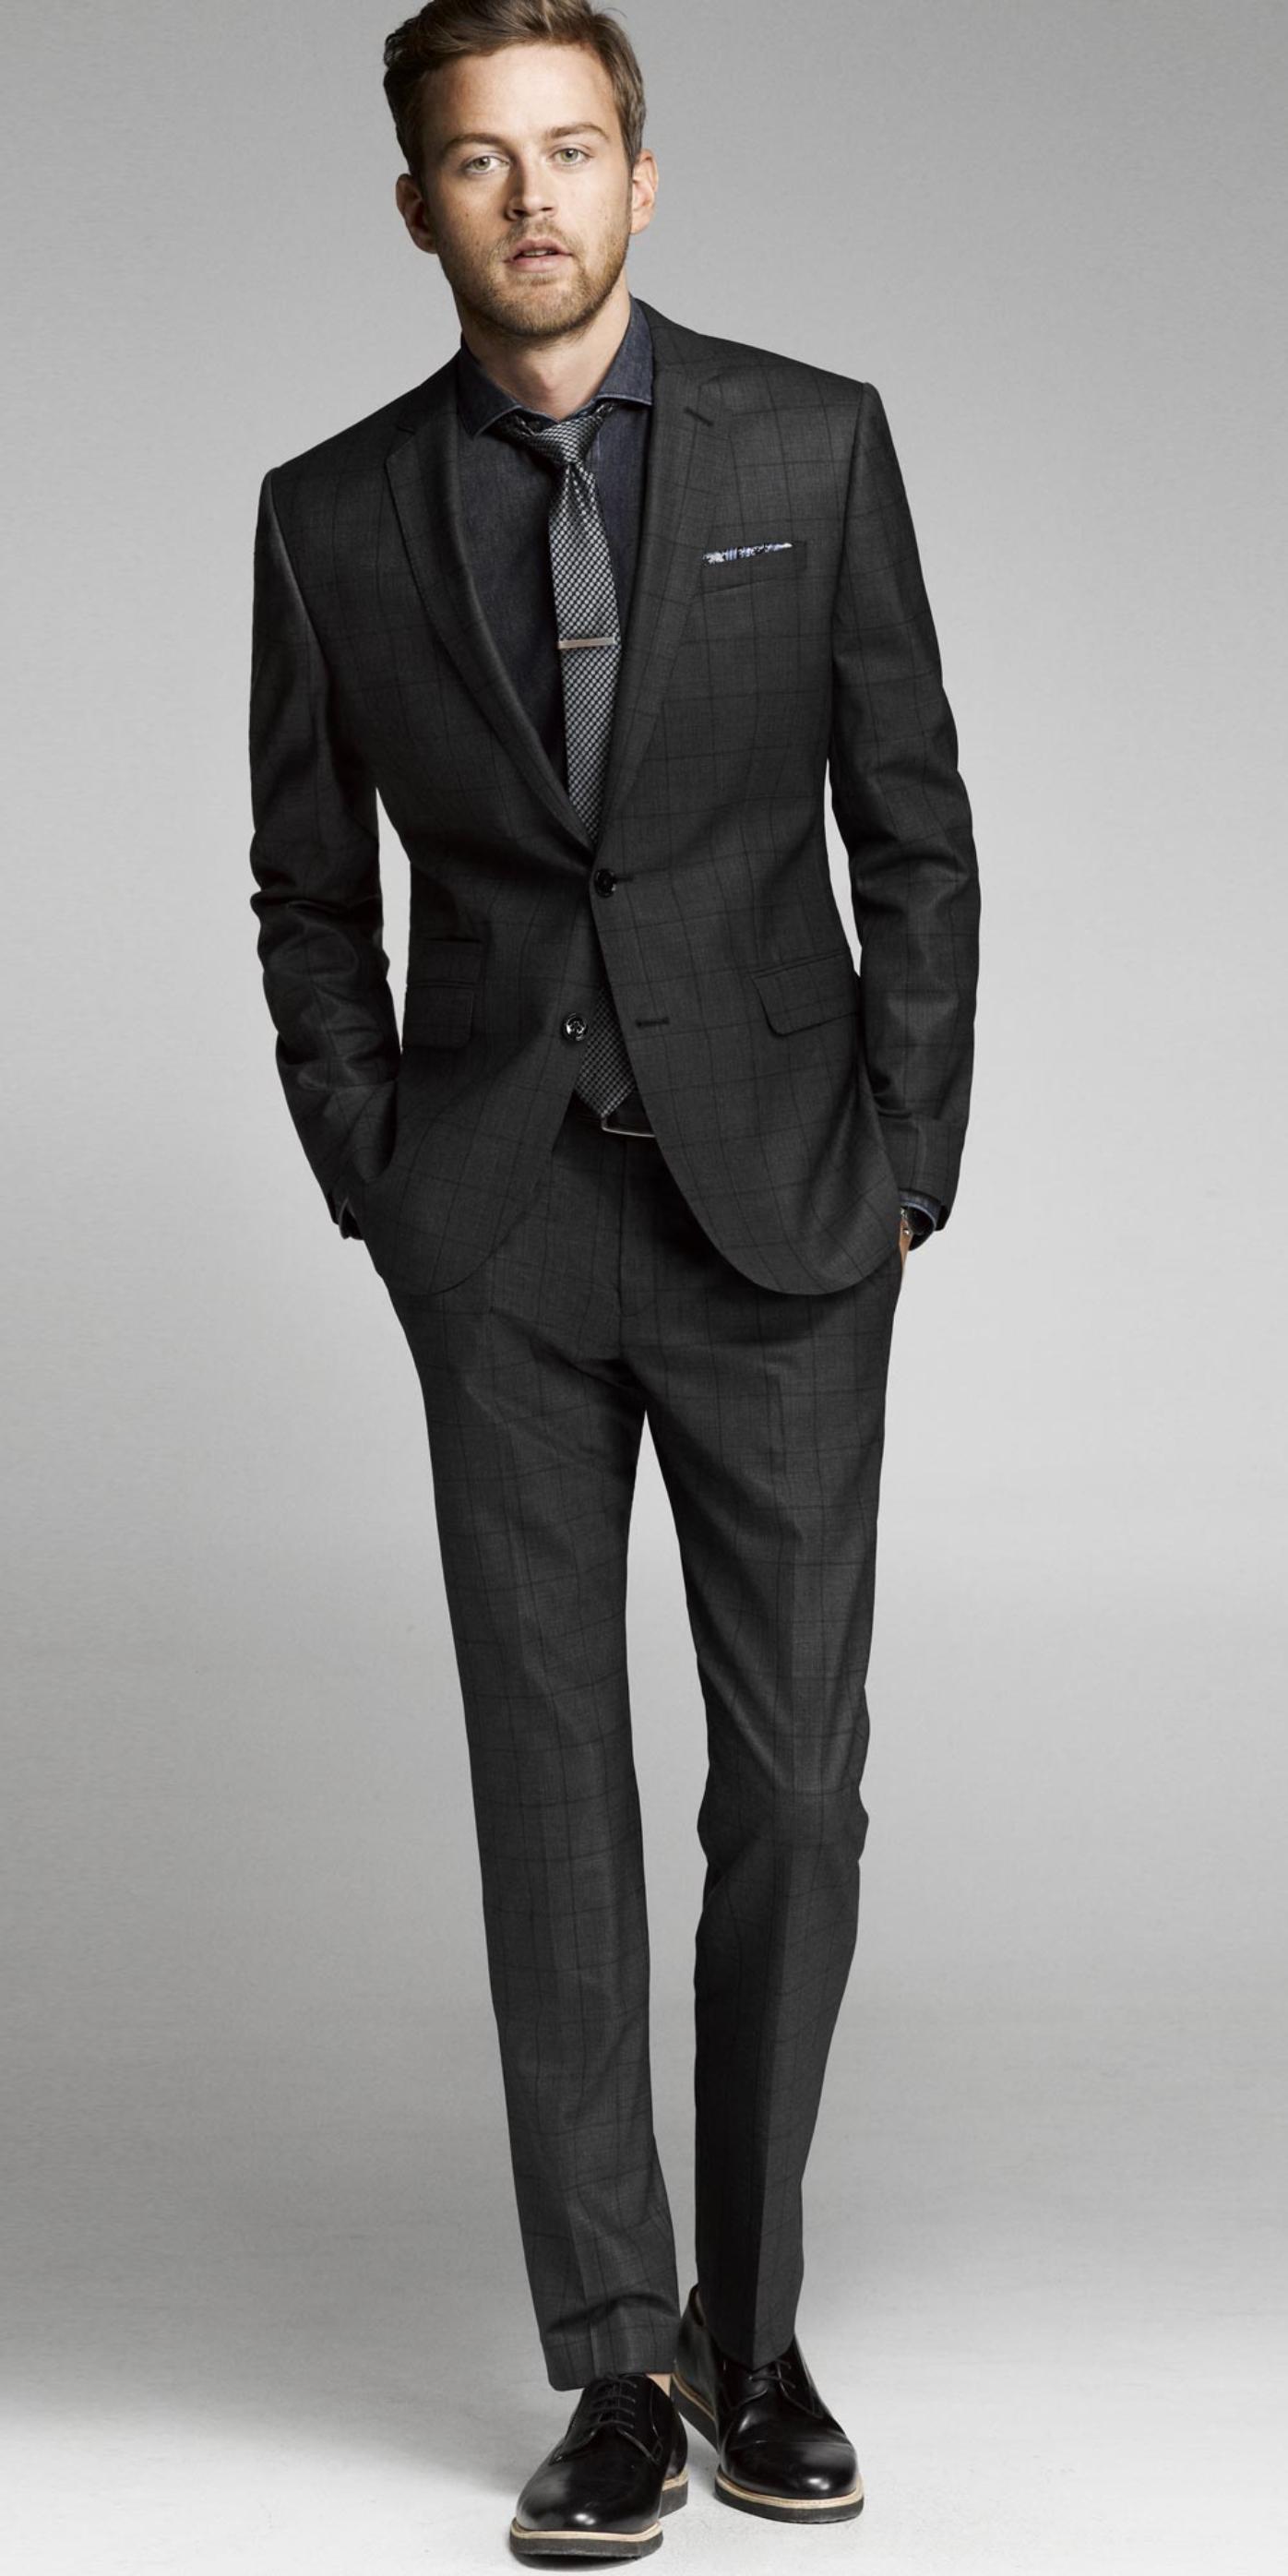 men suit fashions photo - 1